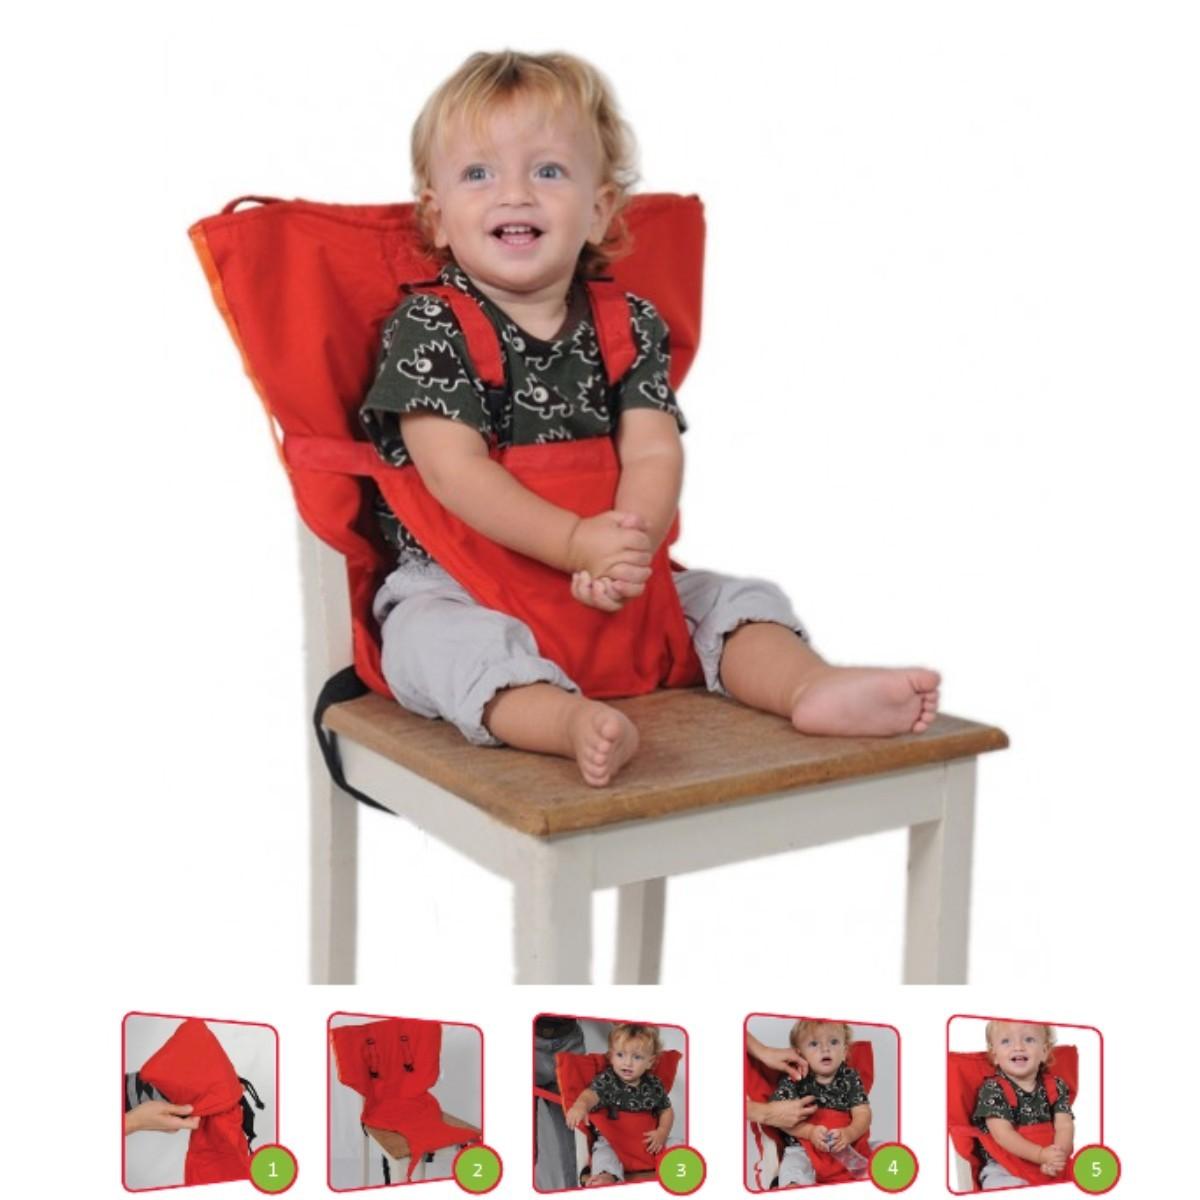 Silla Porttil Para Bebs y nios de 1 a 5aos  Bolso para cargarla